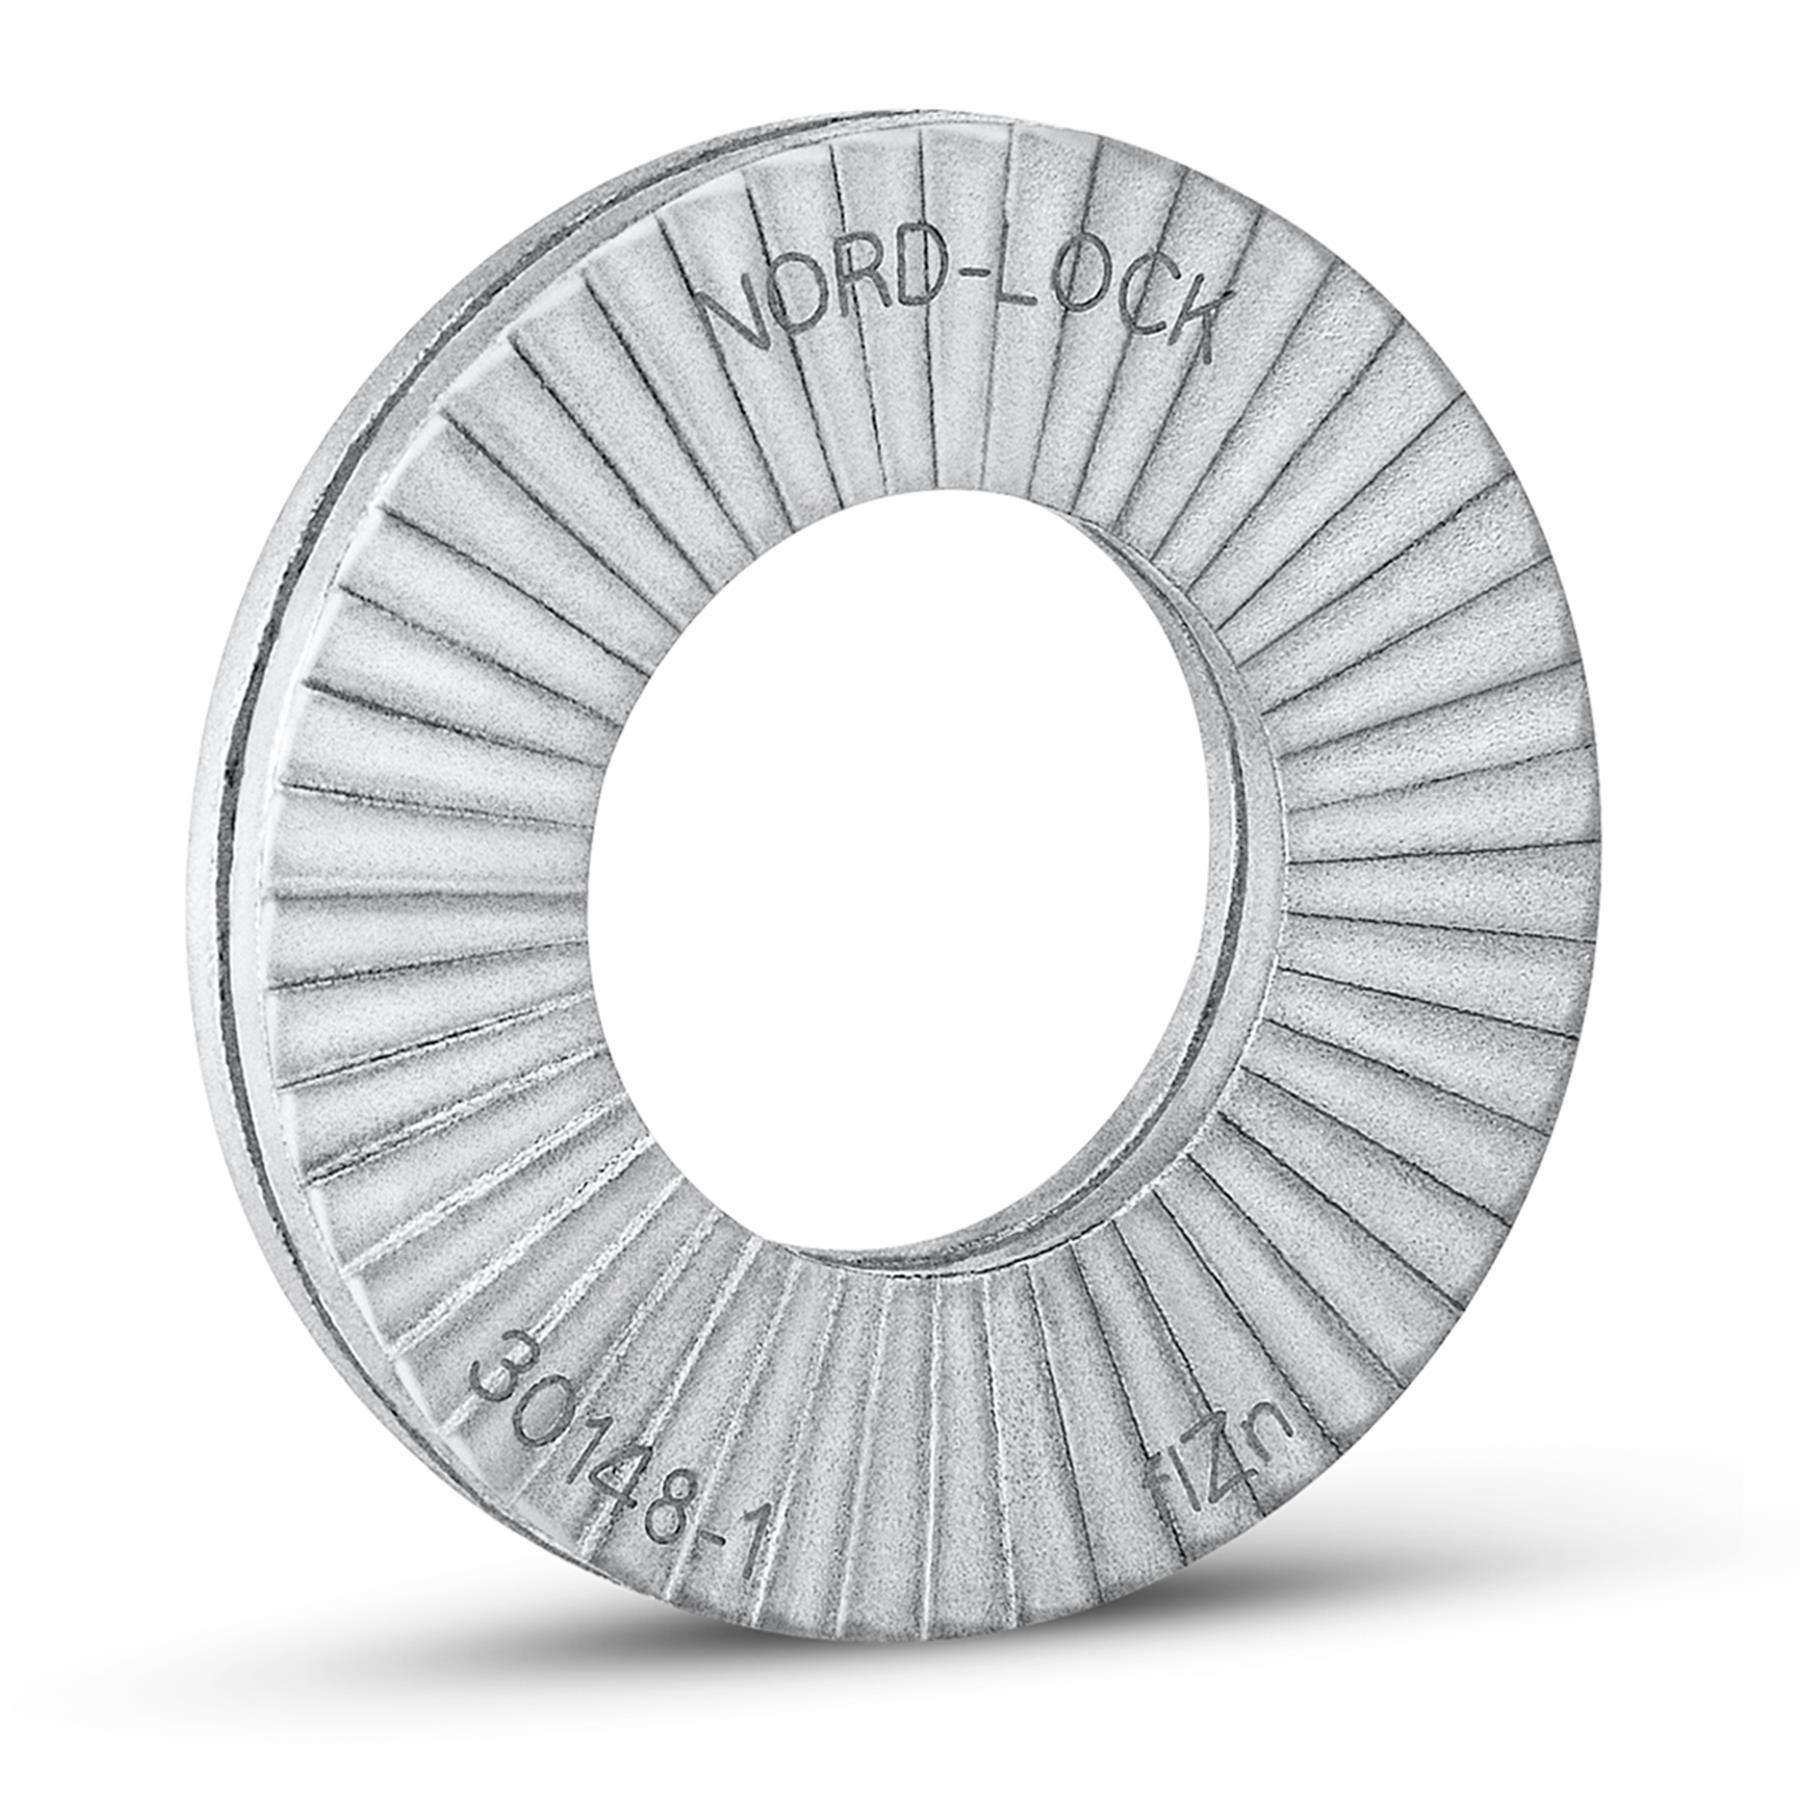 Nord-Lock NL48 Låsbricka ZINKFLAKE DIN 25201 496 x 75 x 7 mm 1-pack